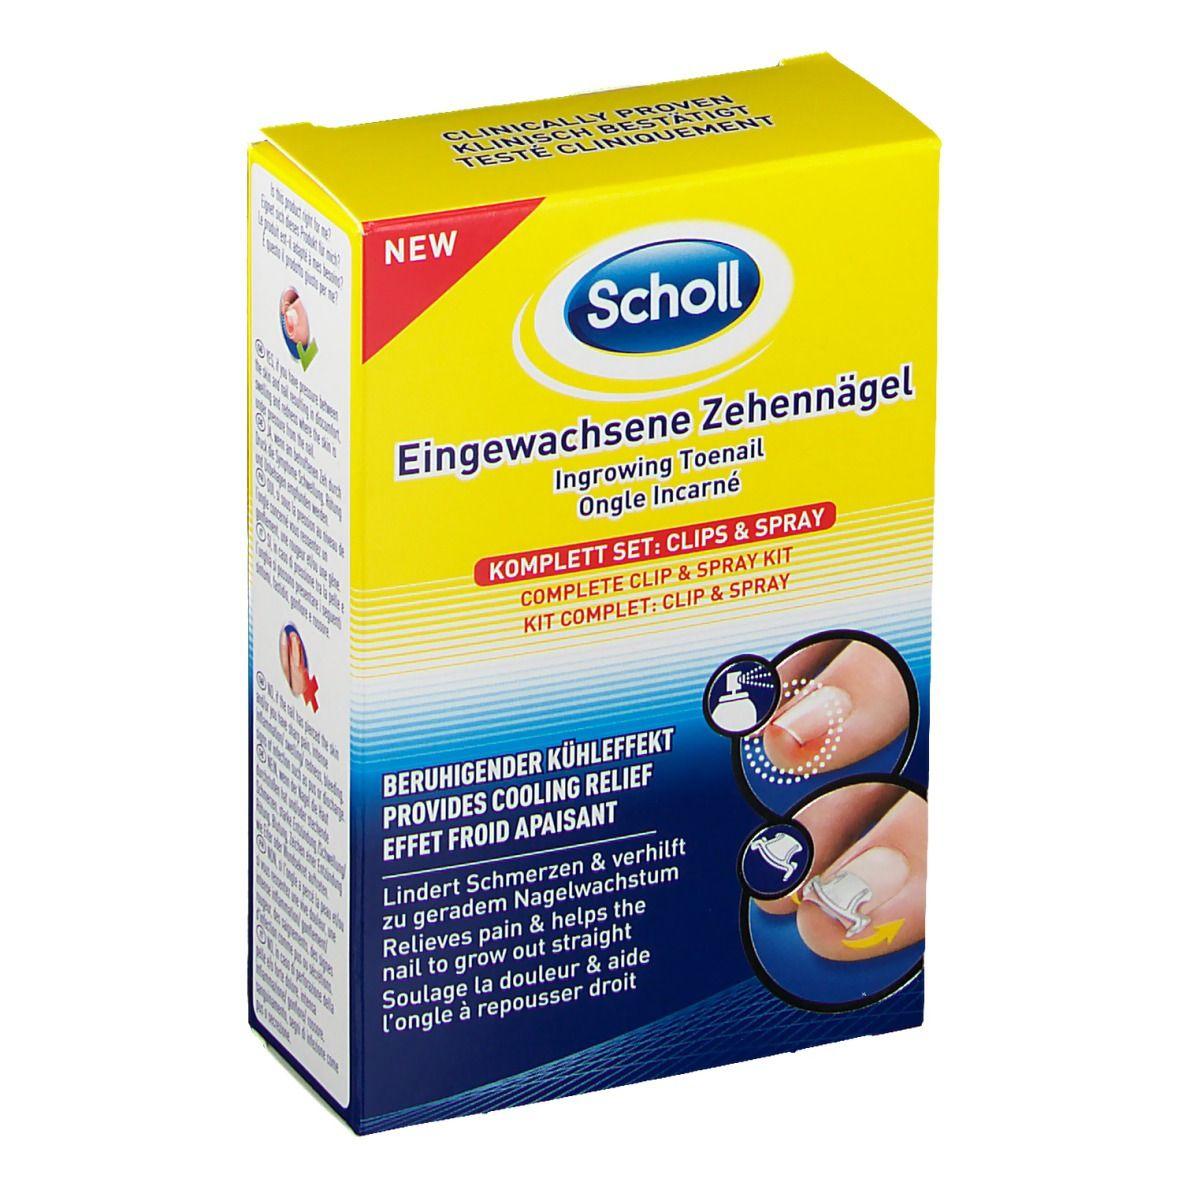 Scholl Eingewachsene Zehennägel Komplett Set: Clips & Spray